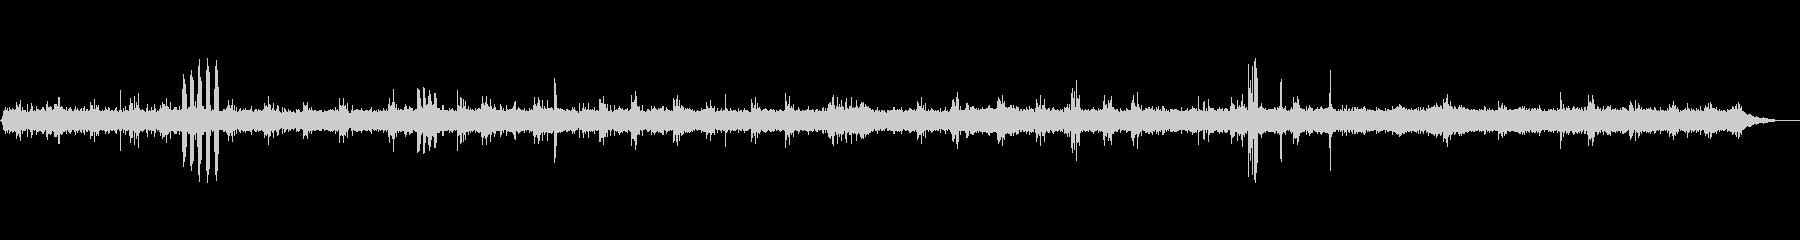 滝と鳥の鳴き声 02の未再生の波形